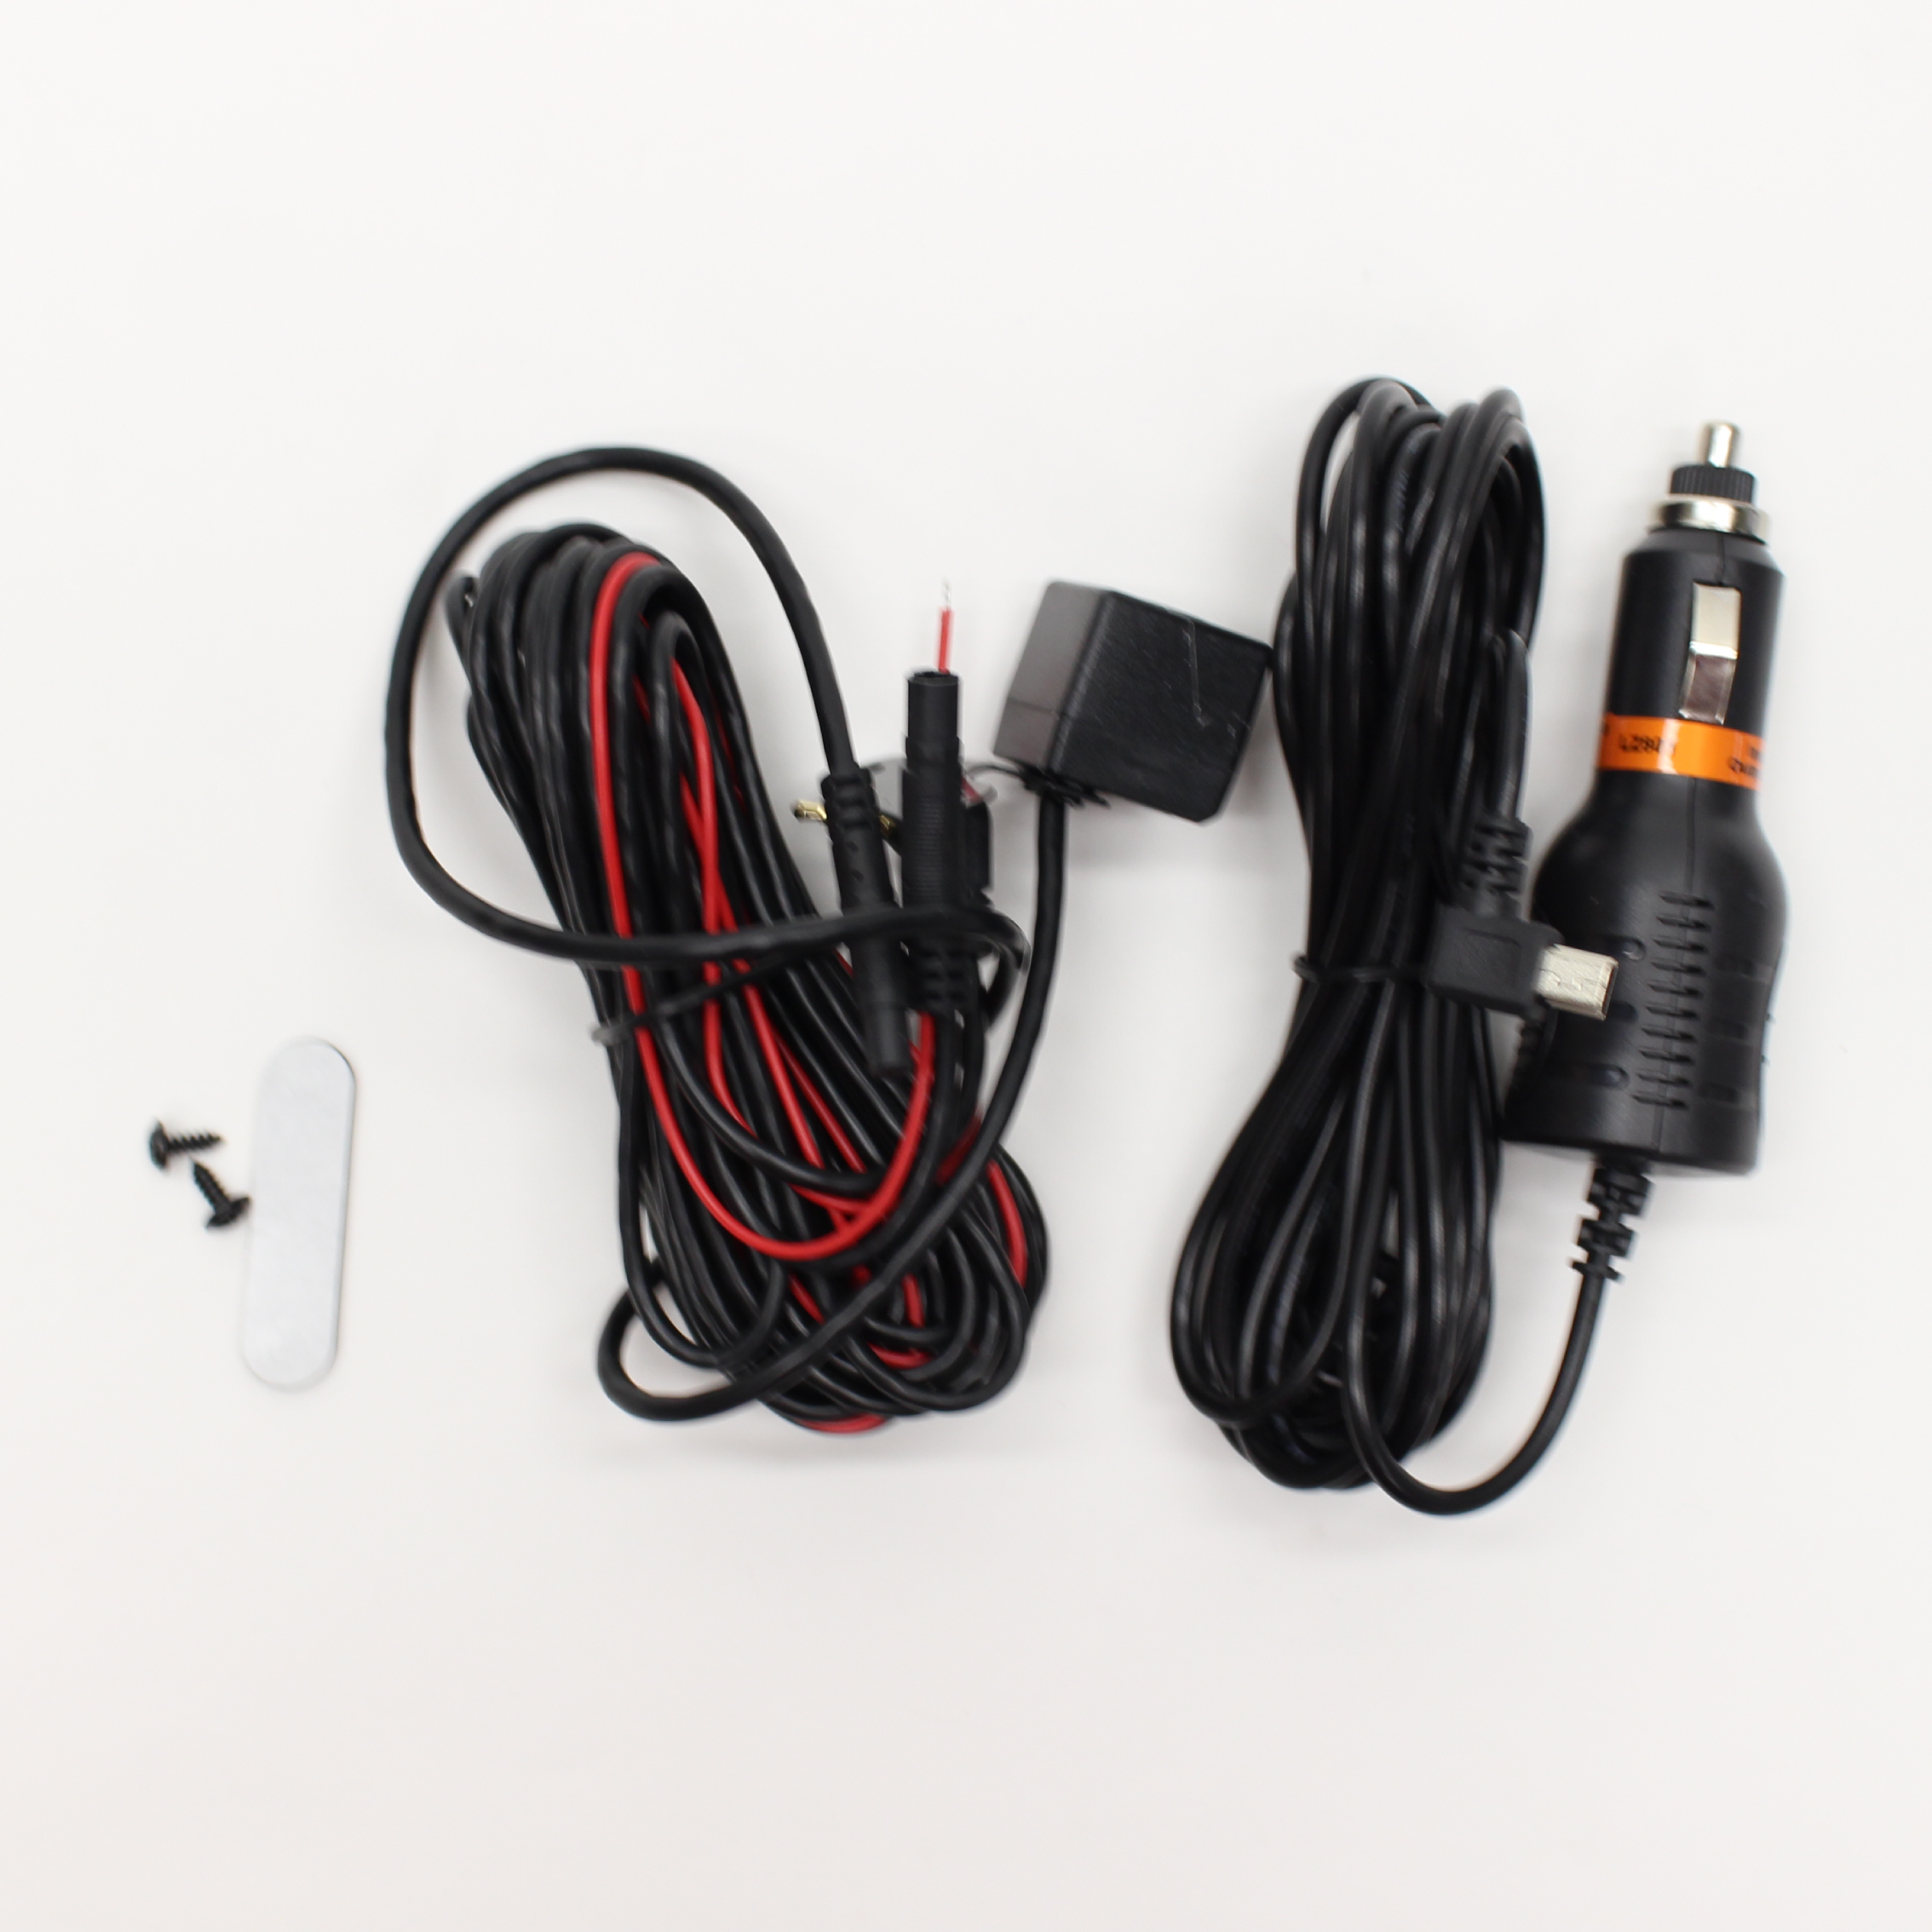 リアカメラ付きドライブレコーダー 200万画素 JD-DR2C01